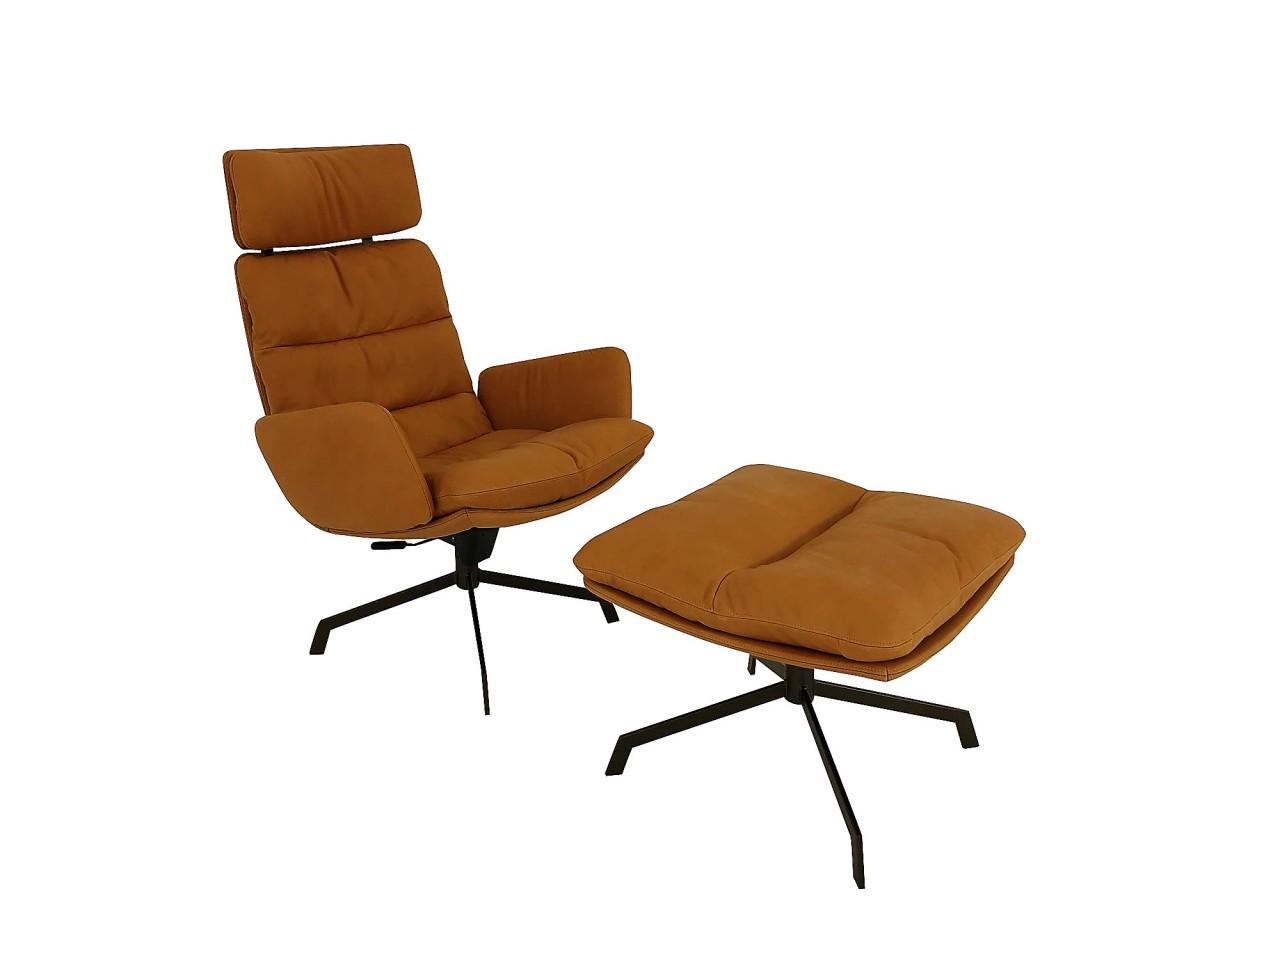 KFF ARVA LOUNGE Sessel in Leder Silk cognac mit Wipp-Funktion und Hocker